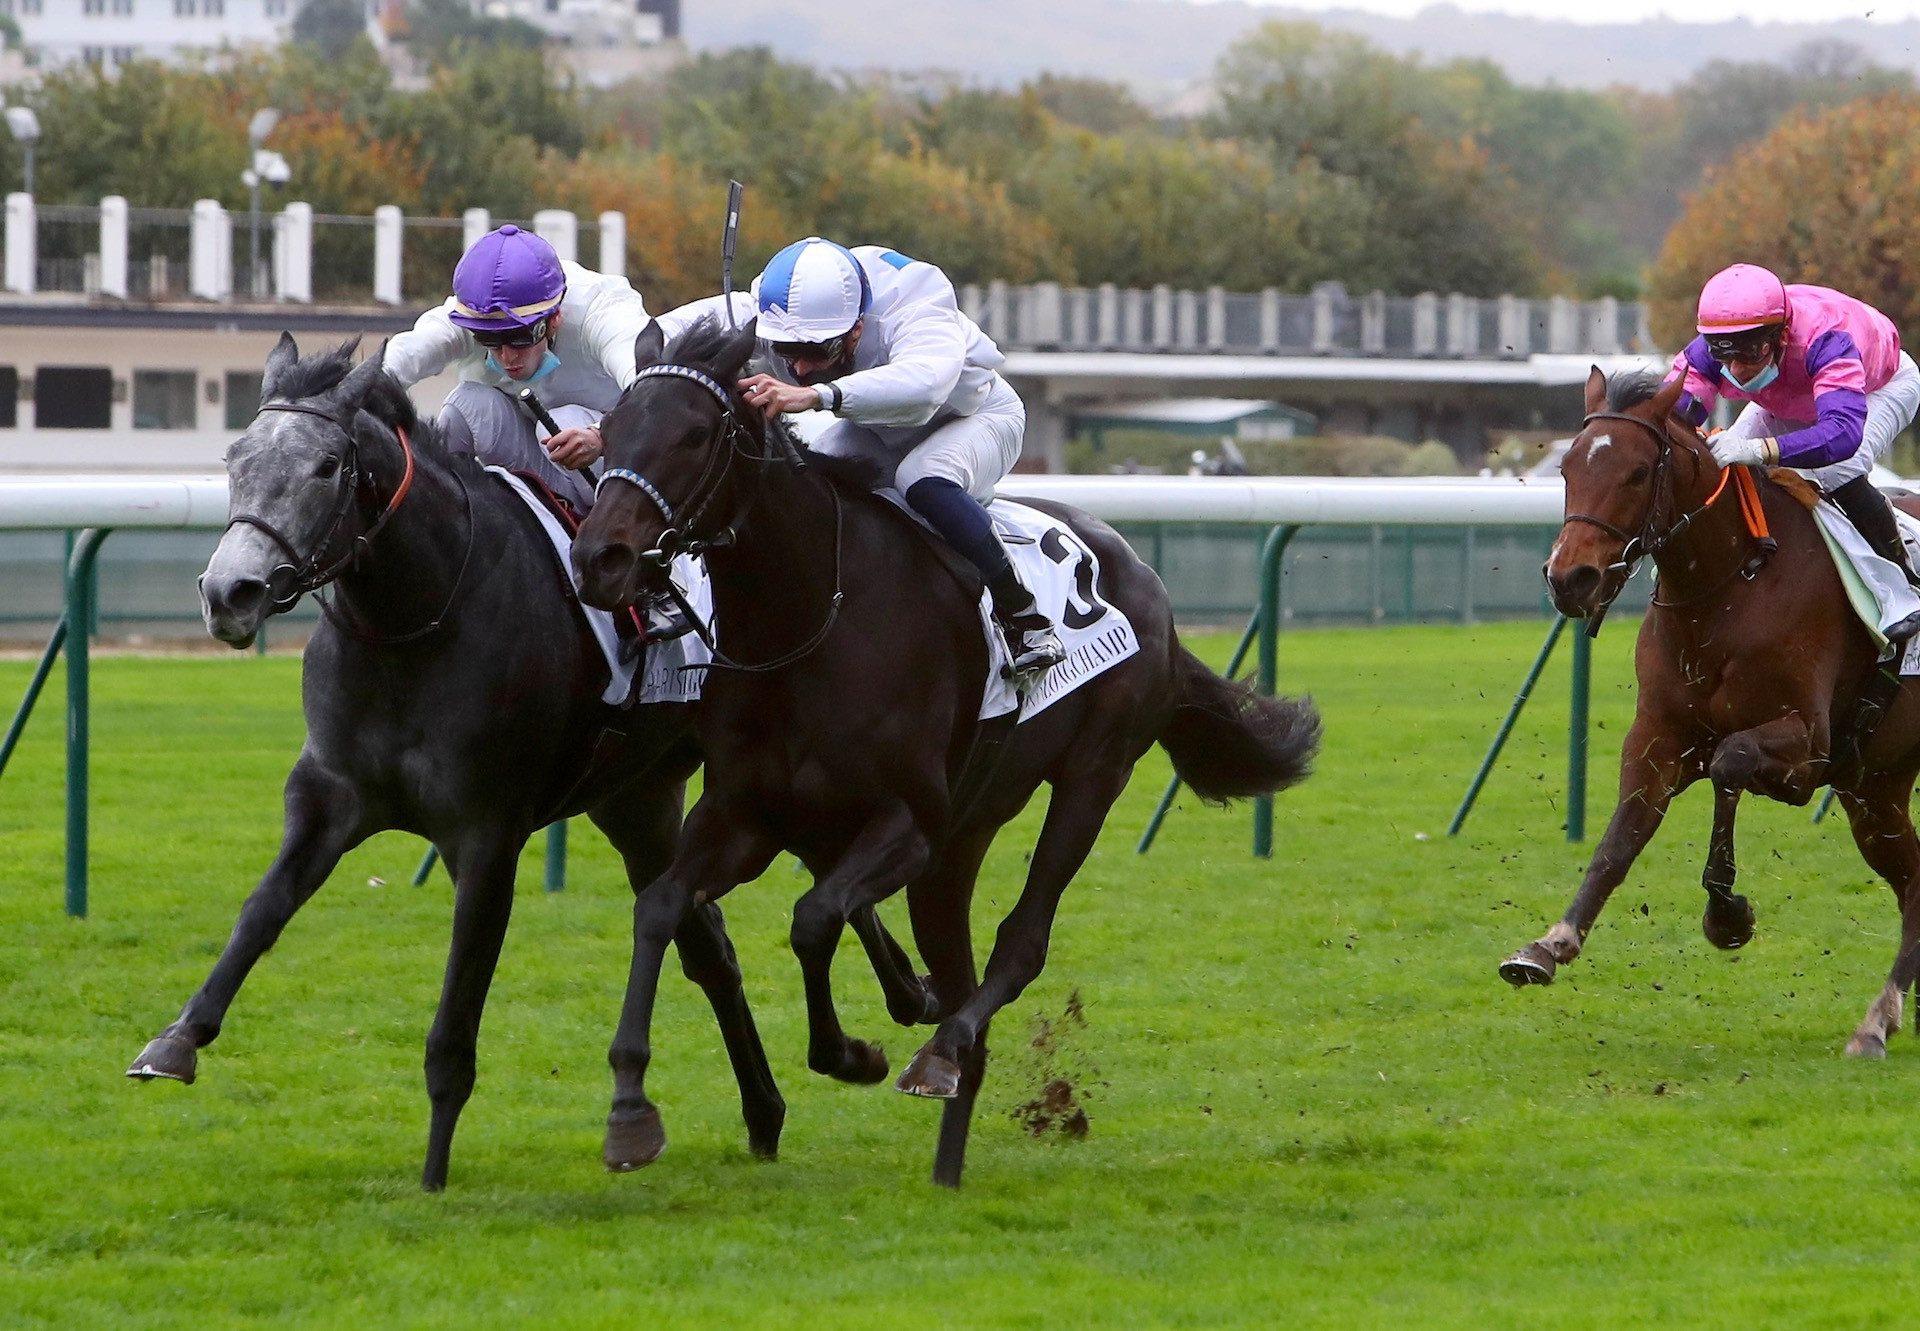 Incarville (Wootton Bassett) Wins The Prix De La Masseliere at Longchamp